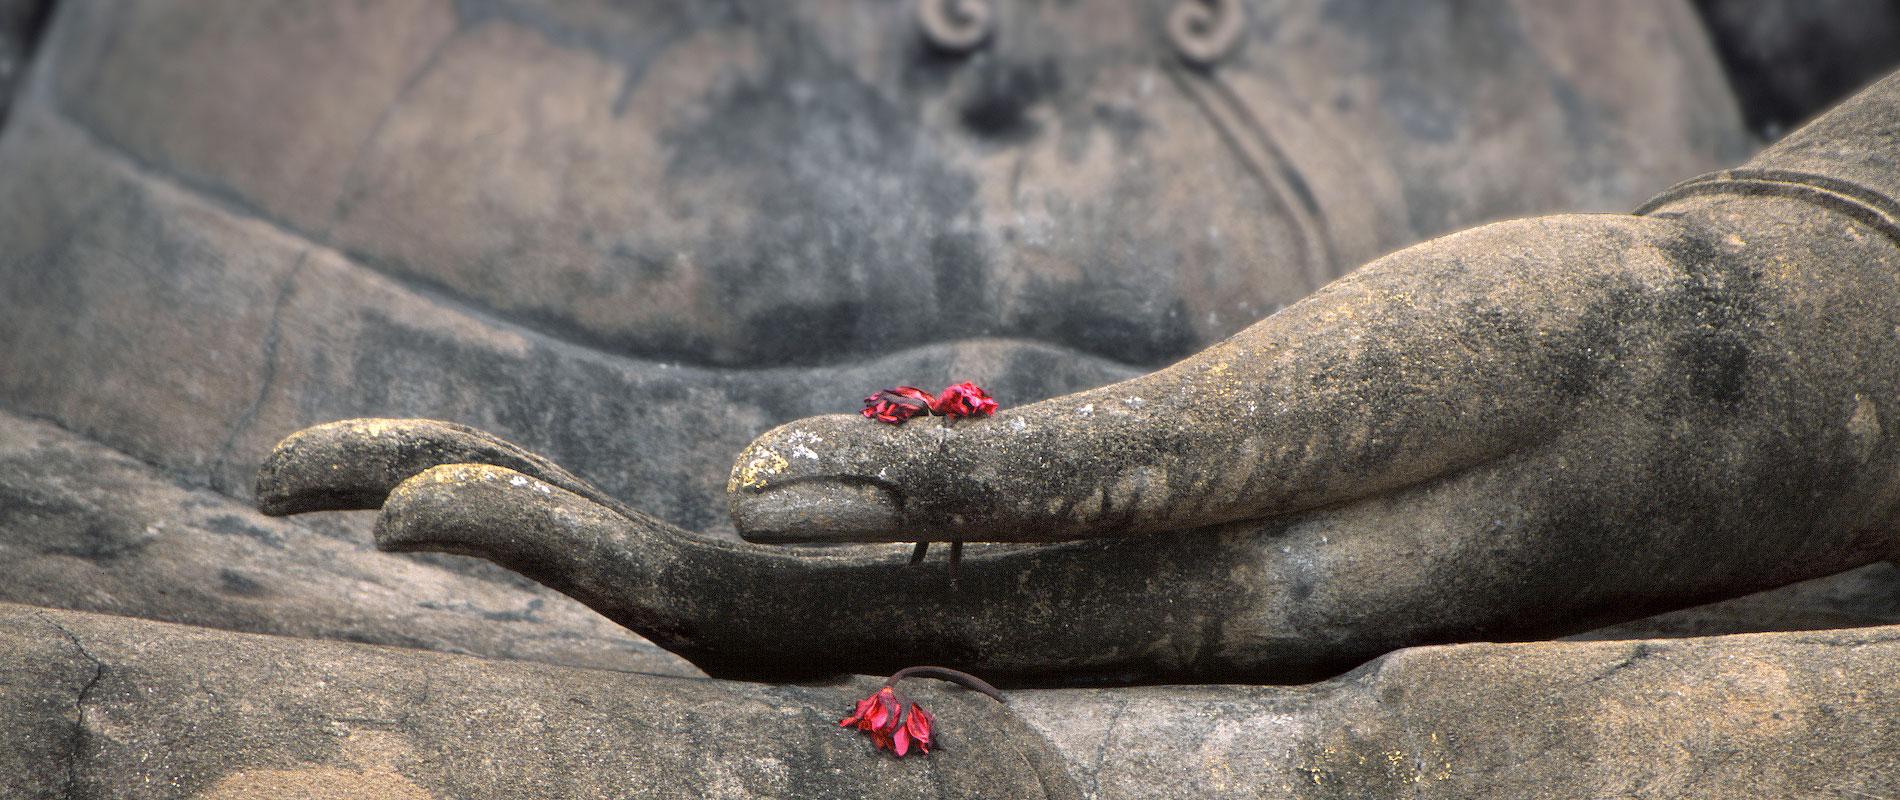 Als Synonym für Yoga; Buddha Hand (Stein) und Blüten